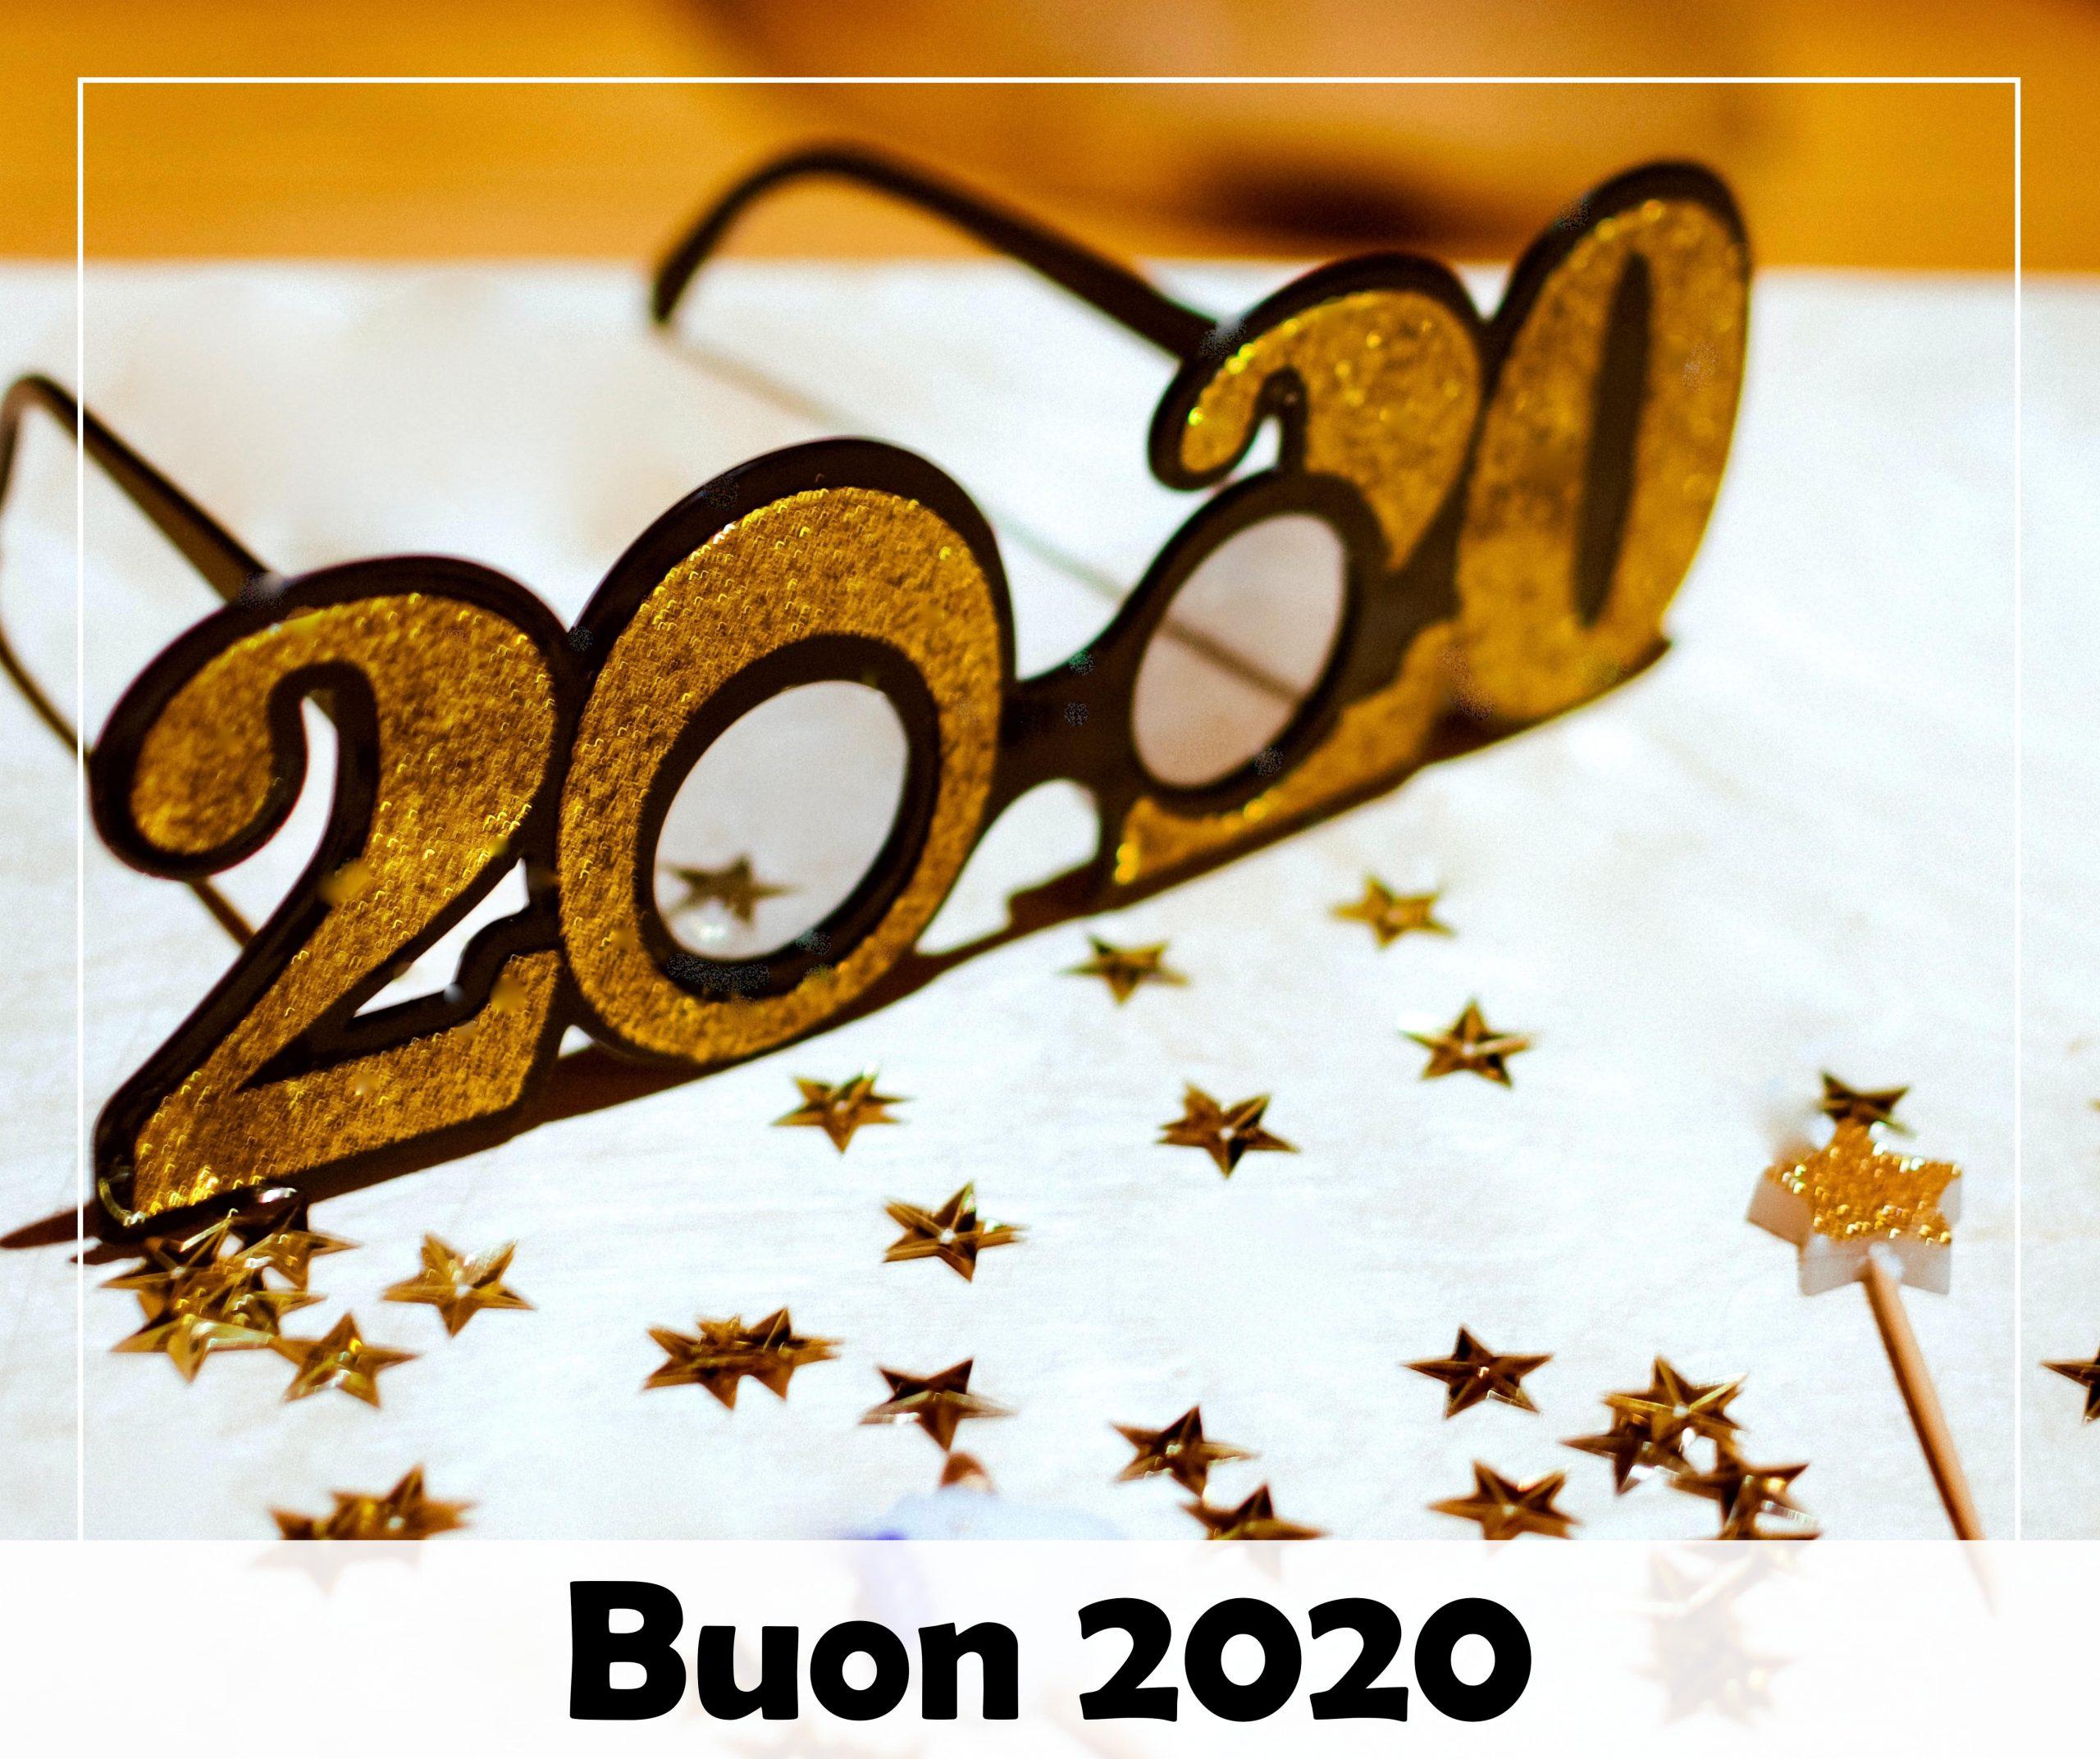 Buon Anno: frasi e immagini per Capodanno 2020